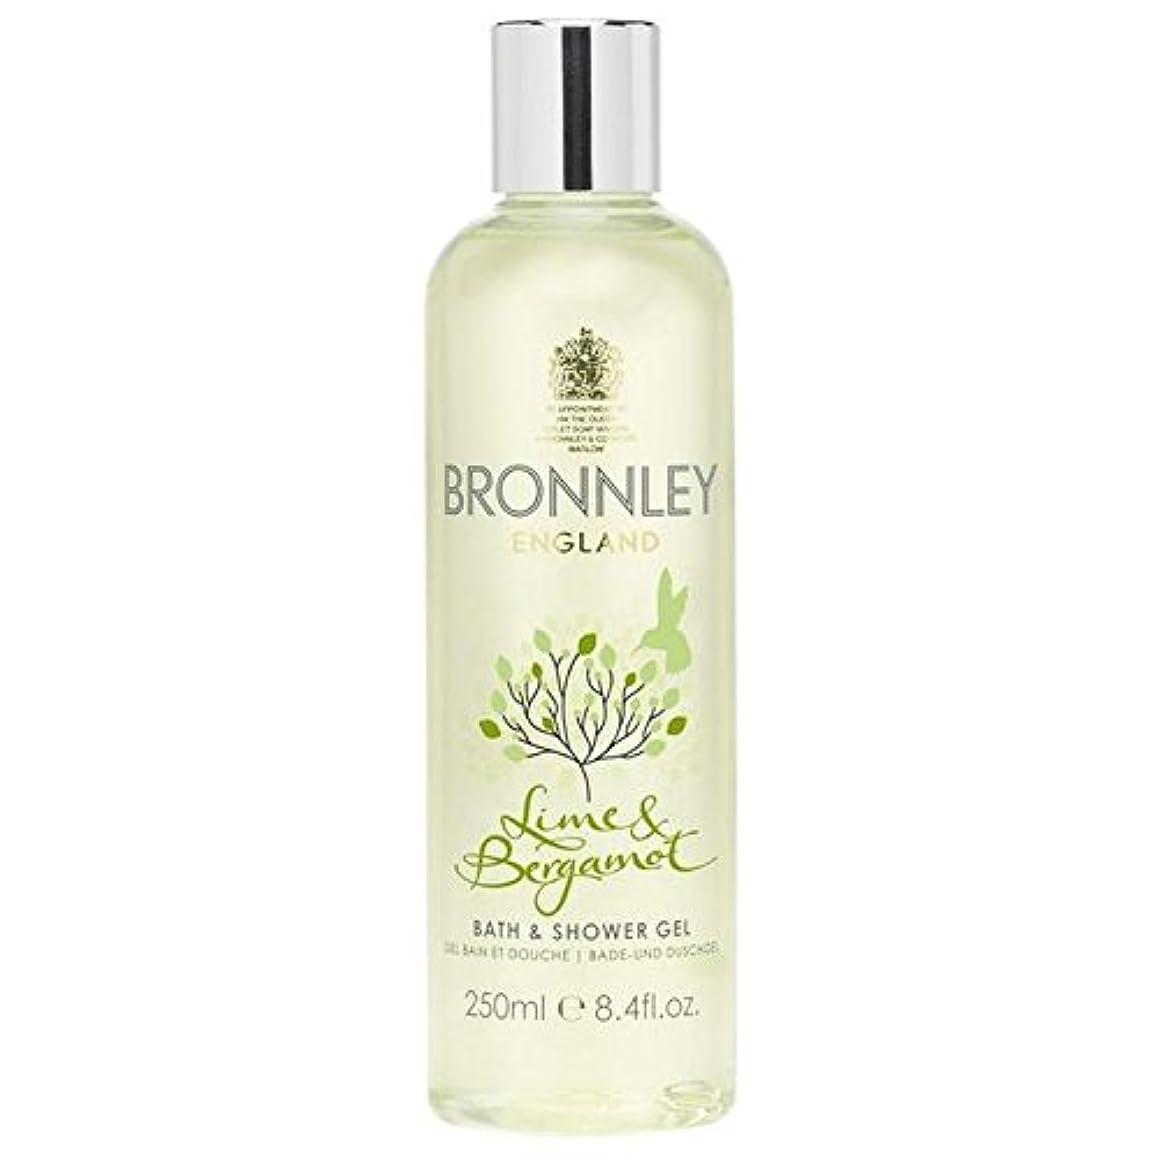 の中で限定恐れライム&ベルガモットバス&シャワージェル250ミリリットル x2 - Bronnley Lime & Bergamot Bath & Shower Gel 250ml (Pack of 2) [並行輸入品]